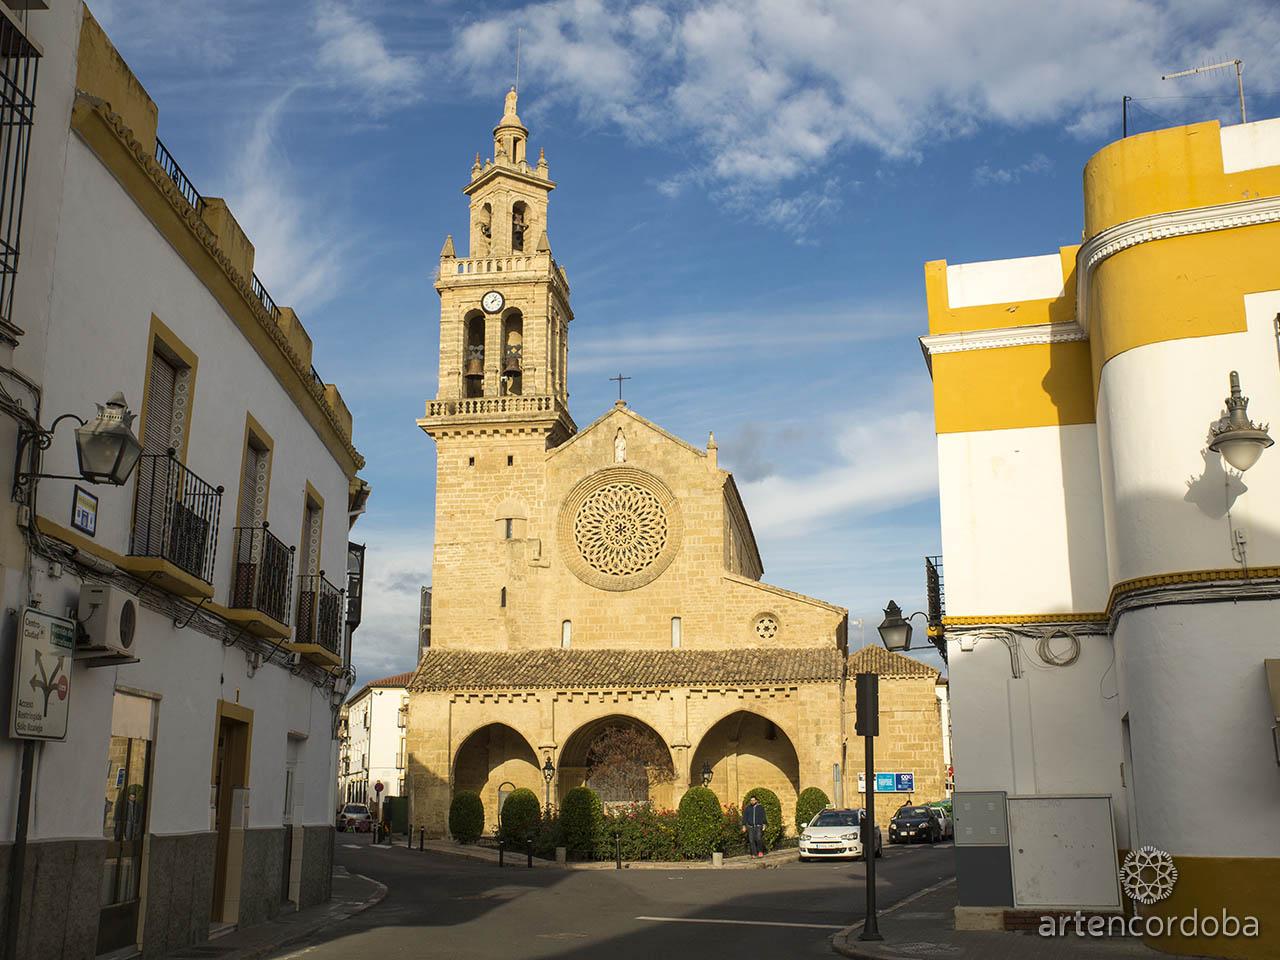 Fachada de la Iglesia de San Lorenzo en Córdoba